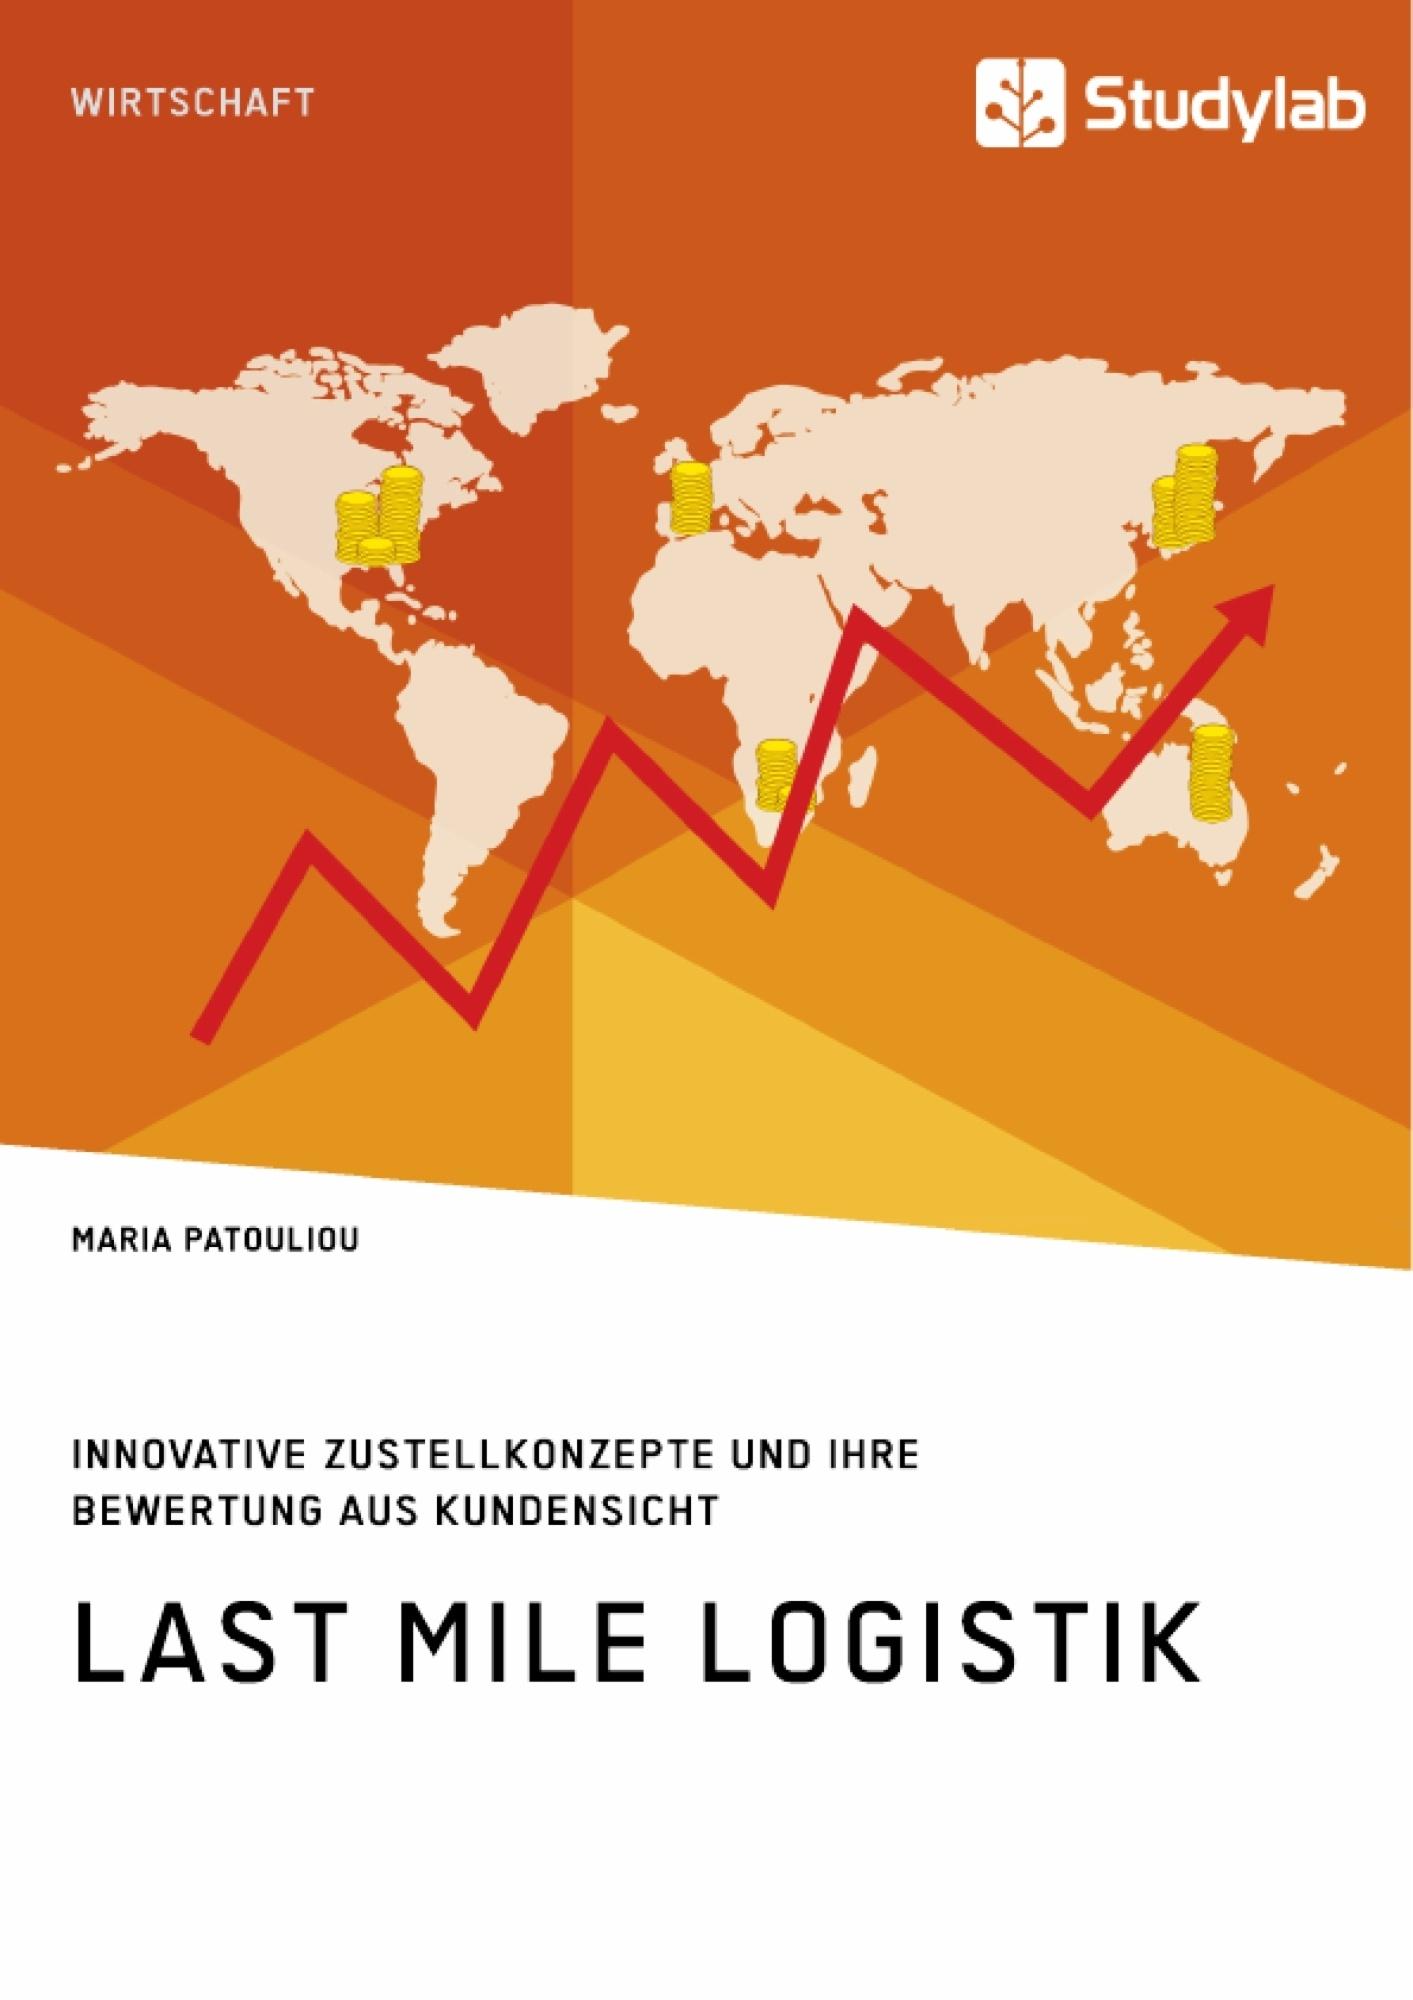 Titel: Last Mile Logistik. Innovative Zustellkonzepte und ihre Bewertung aus Kundensicht